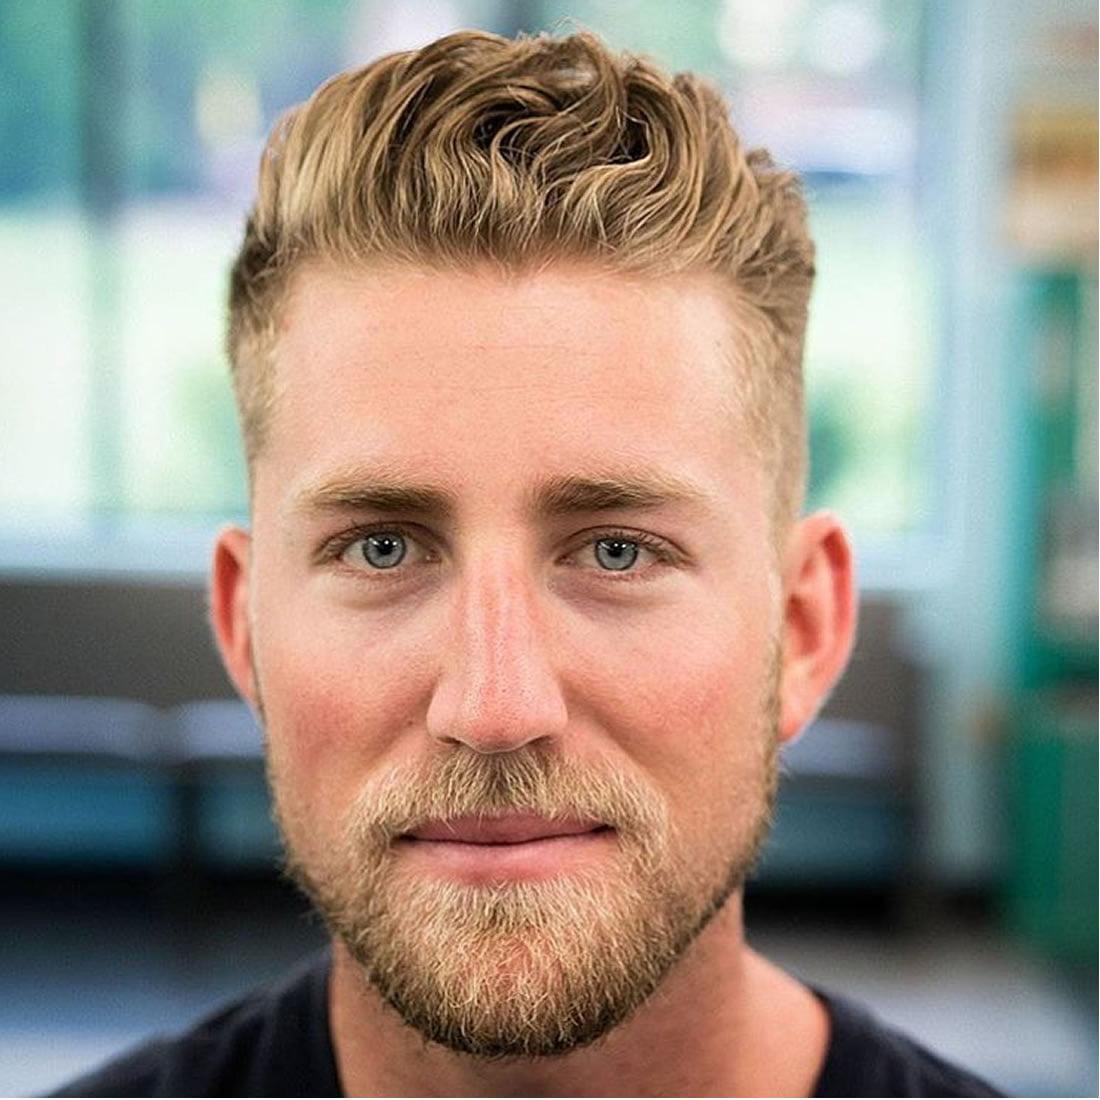 Men's Hairstyles 2018 – 2019 | 40 Best Hair Tutorial for ...